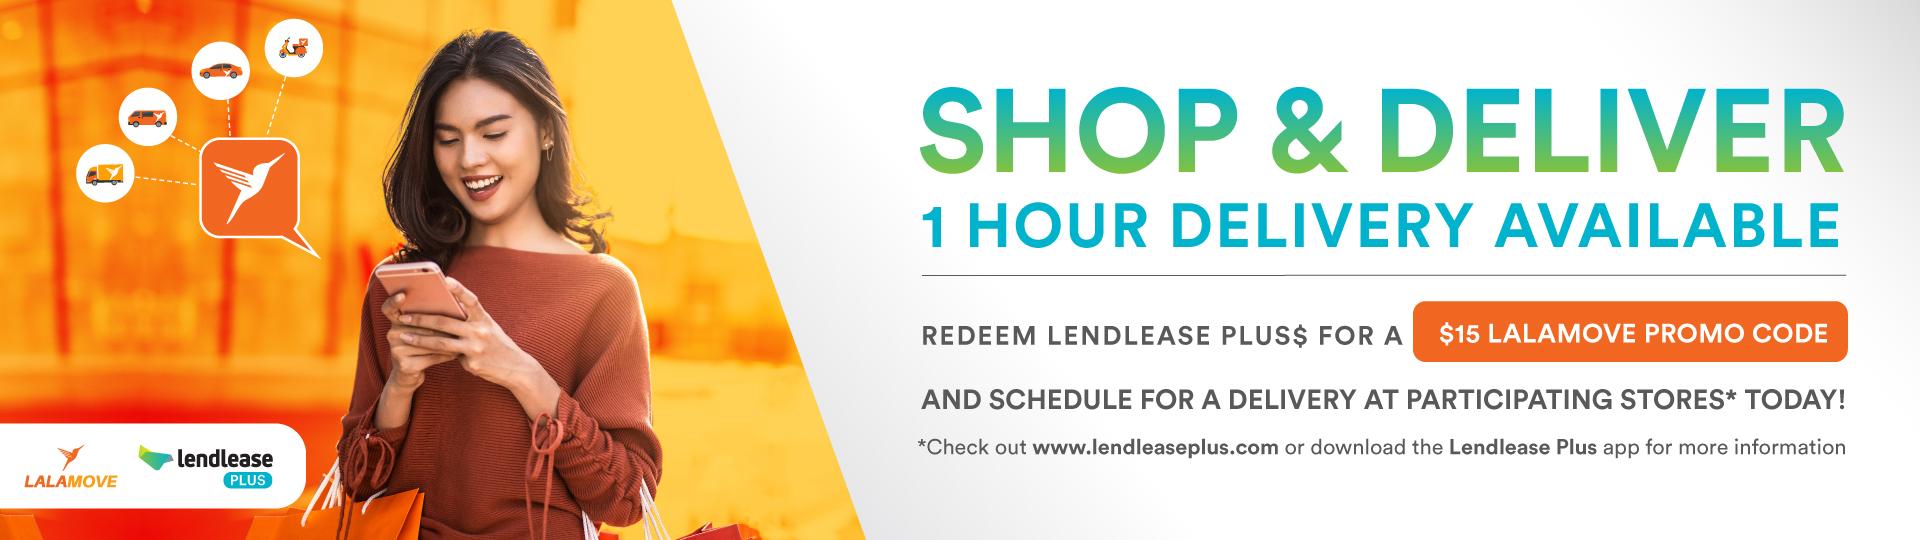 Shop&Deliver Lendlease Plus